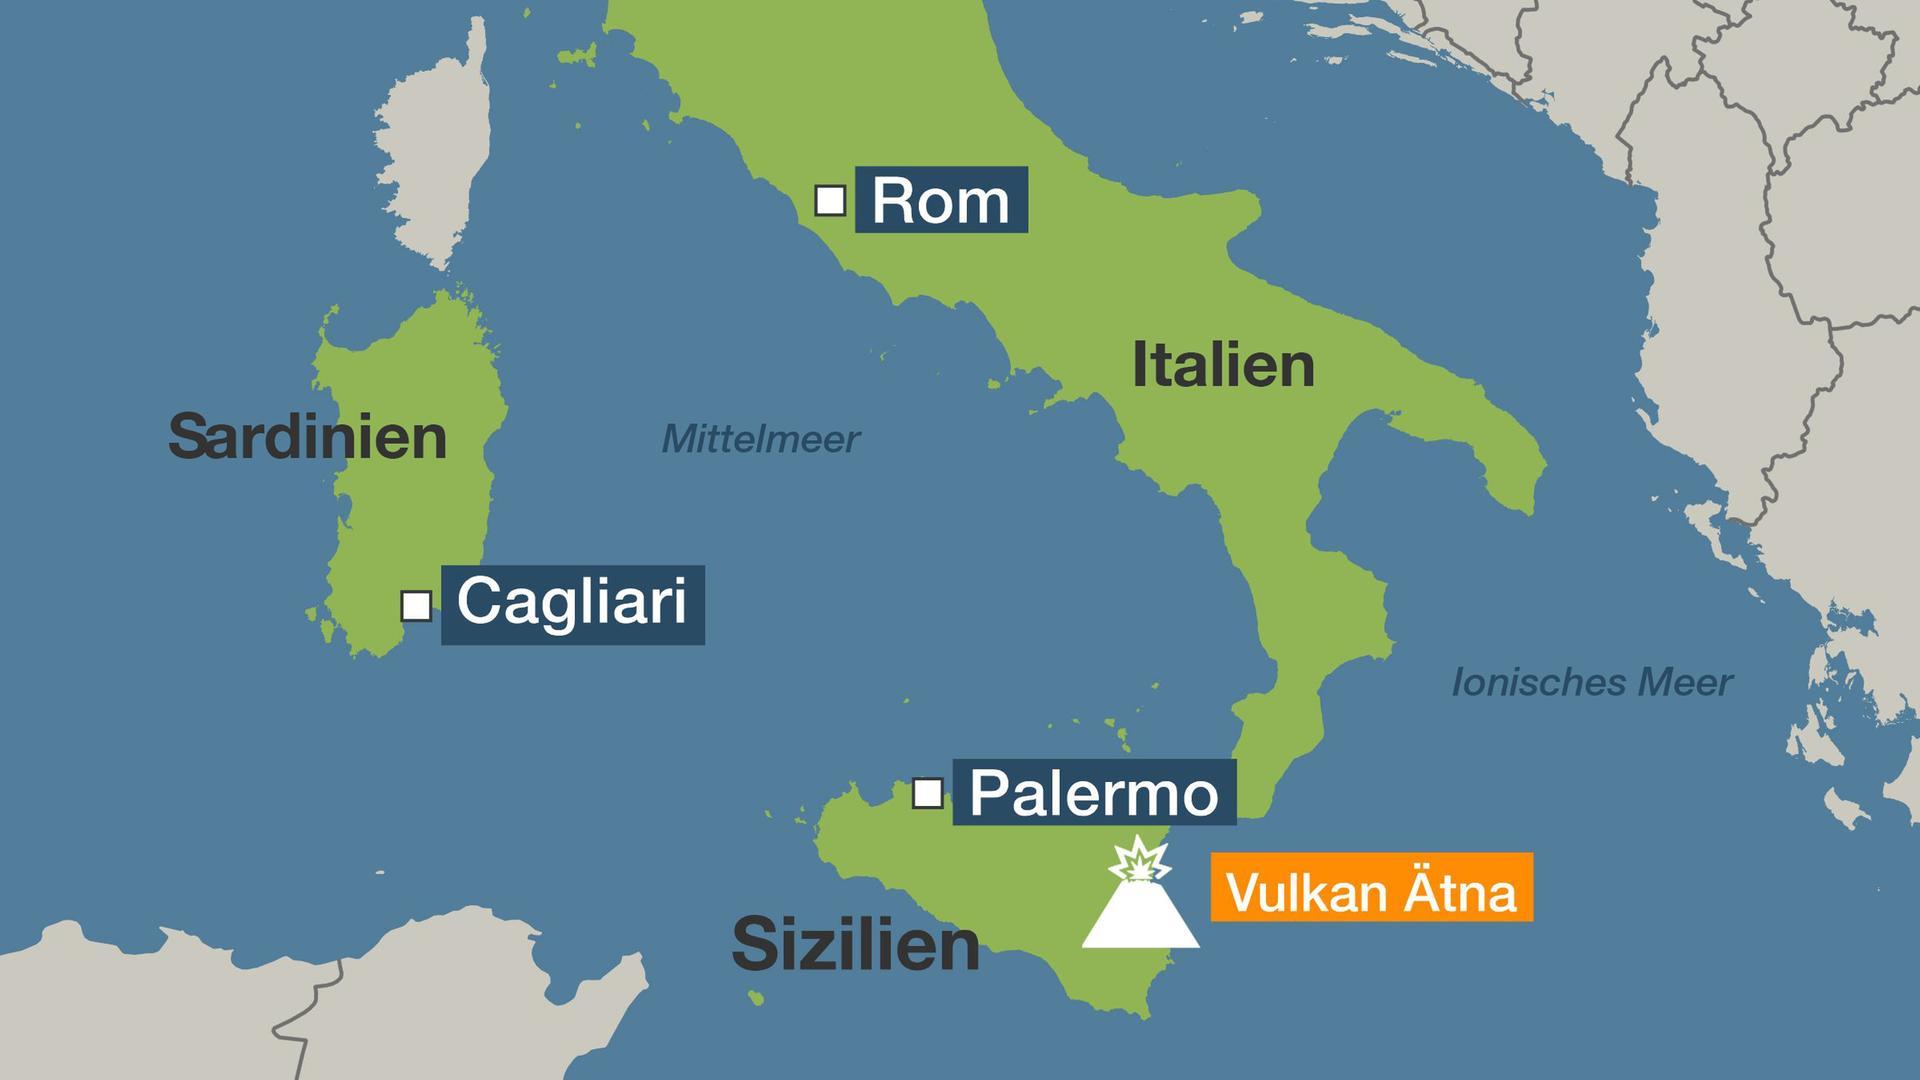 Vulkane Der Erde Karte.Die Sizilianer Und Ihr ätna Wir Lieben Und Respektieren Ihn